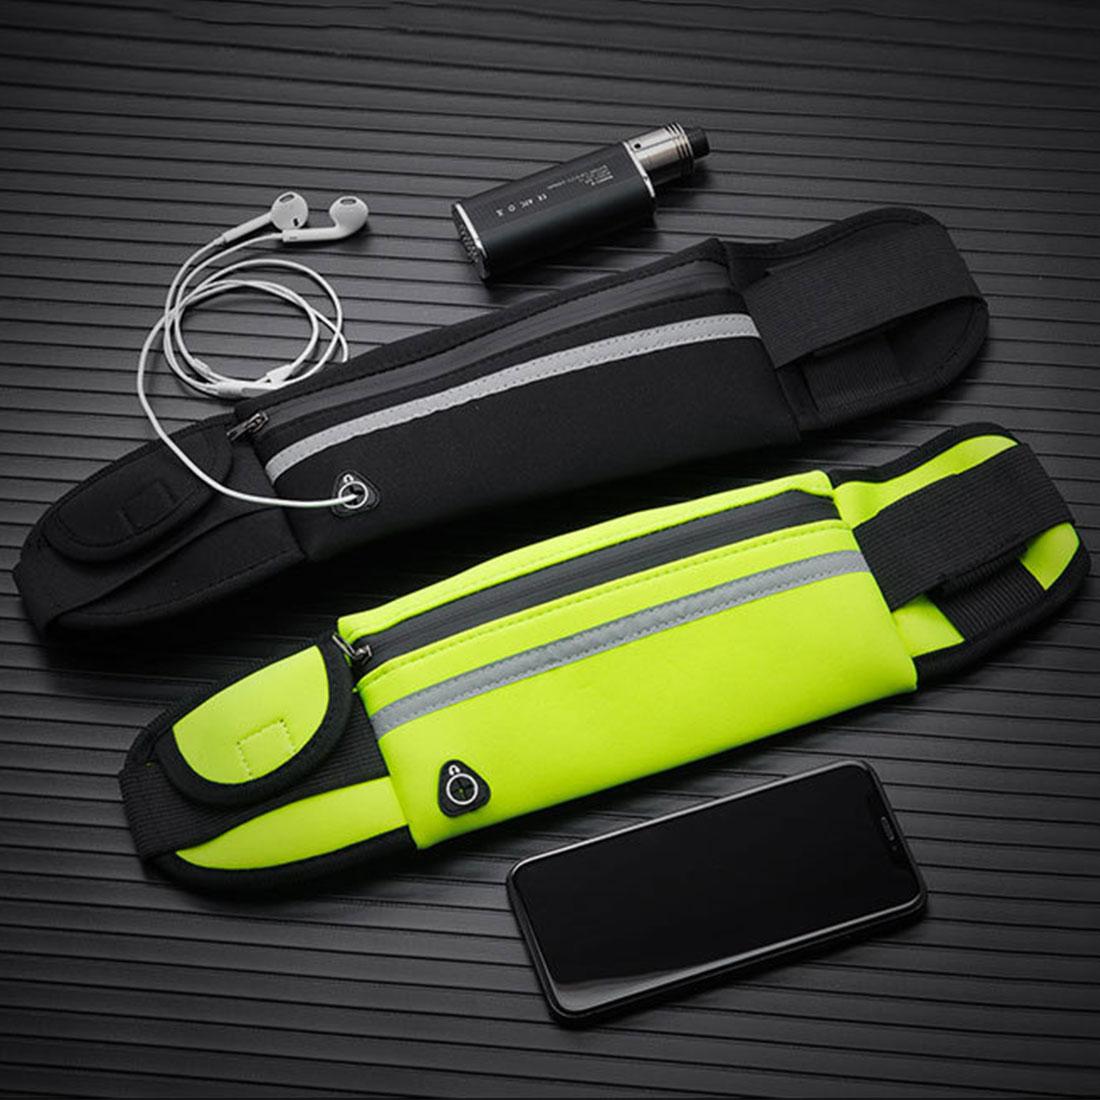 Nouveau sac de taille en cours d'exécution étanche conteneur de téléphone Jogging randonnée ceinture sac de ventre femmes sac de Fitness dame Sport accessoires